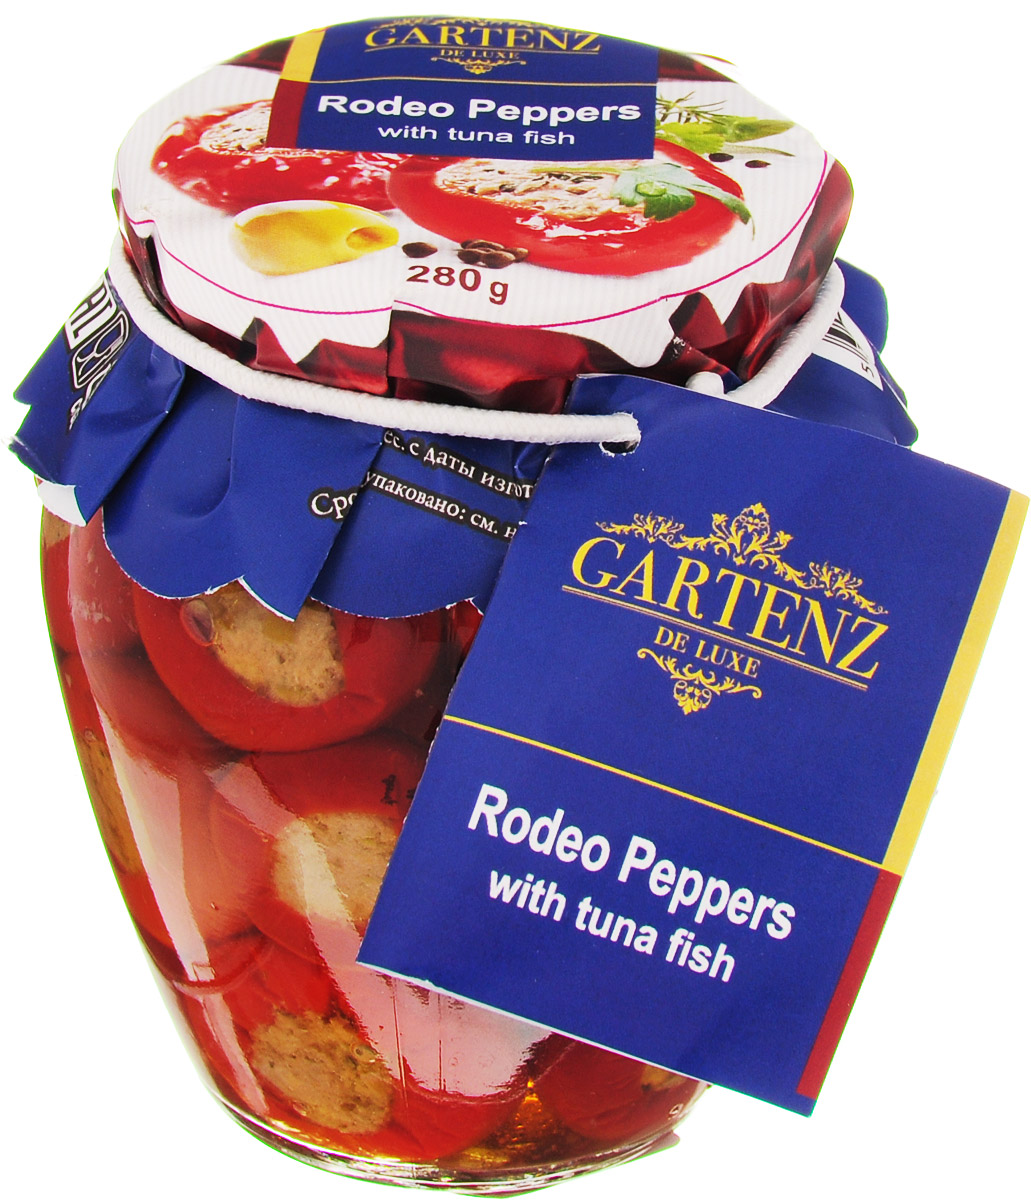 Gartenz de Luxe перчики фаршированные тунцом, 280 г мингаз байкальский дар напиток 0 5 л